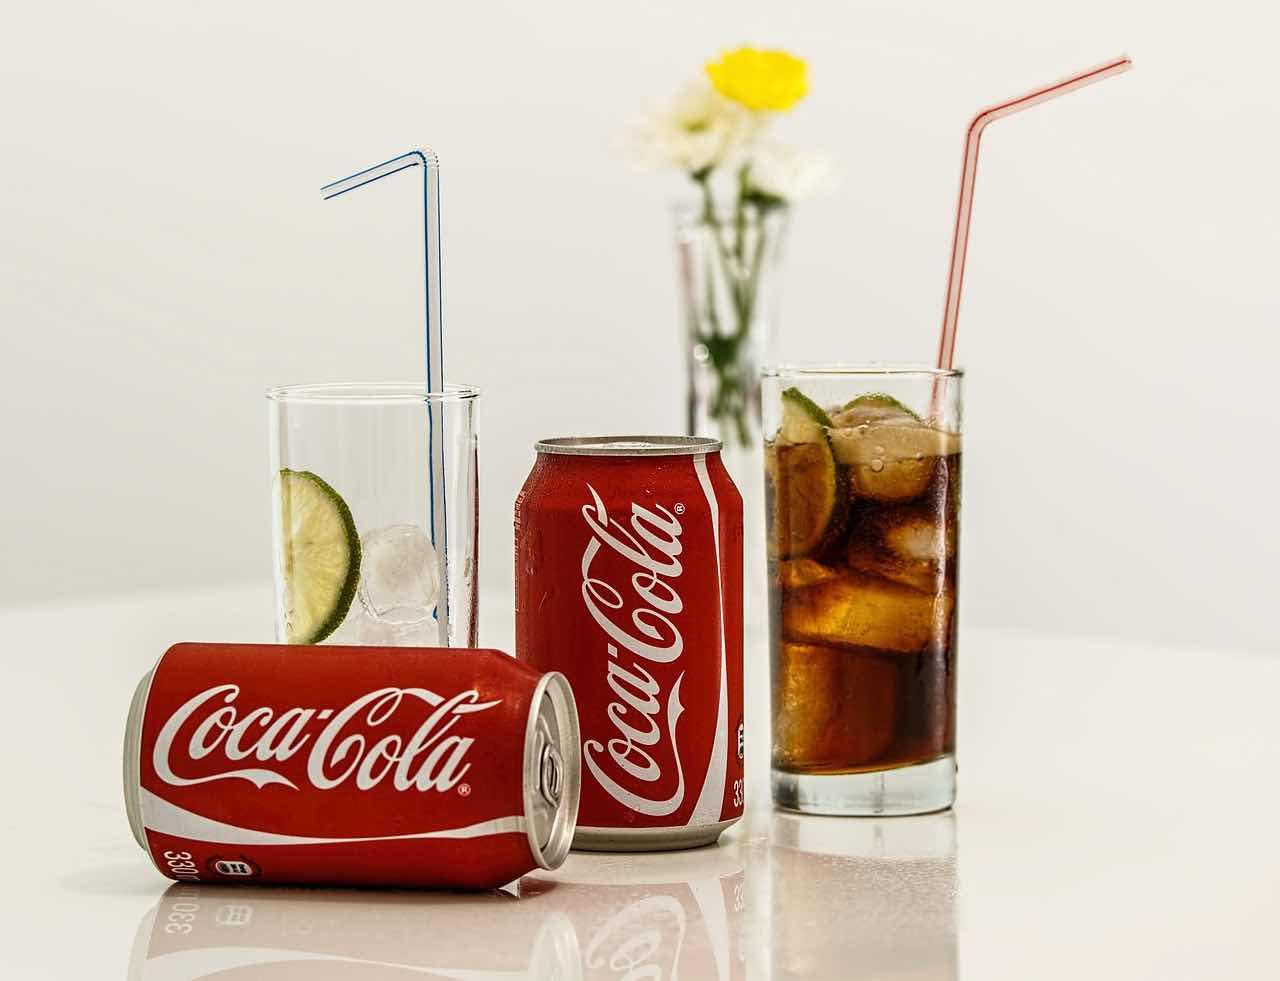 Coca cola depot marque INPI